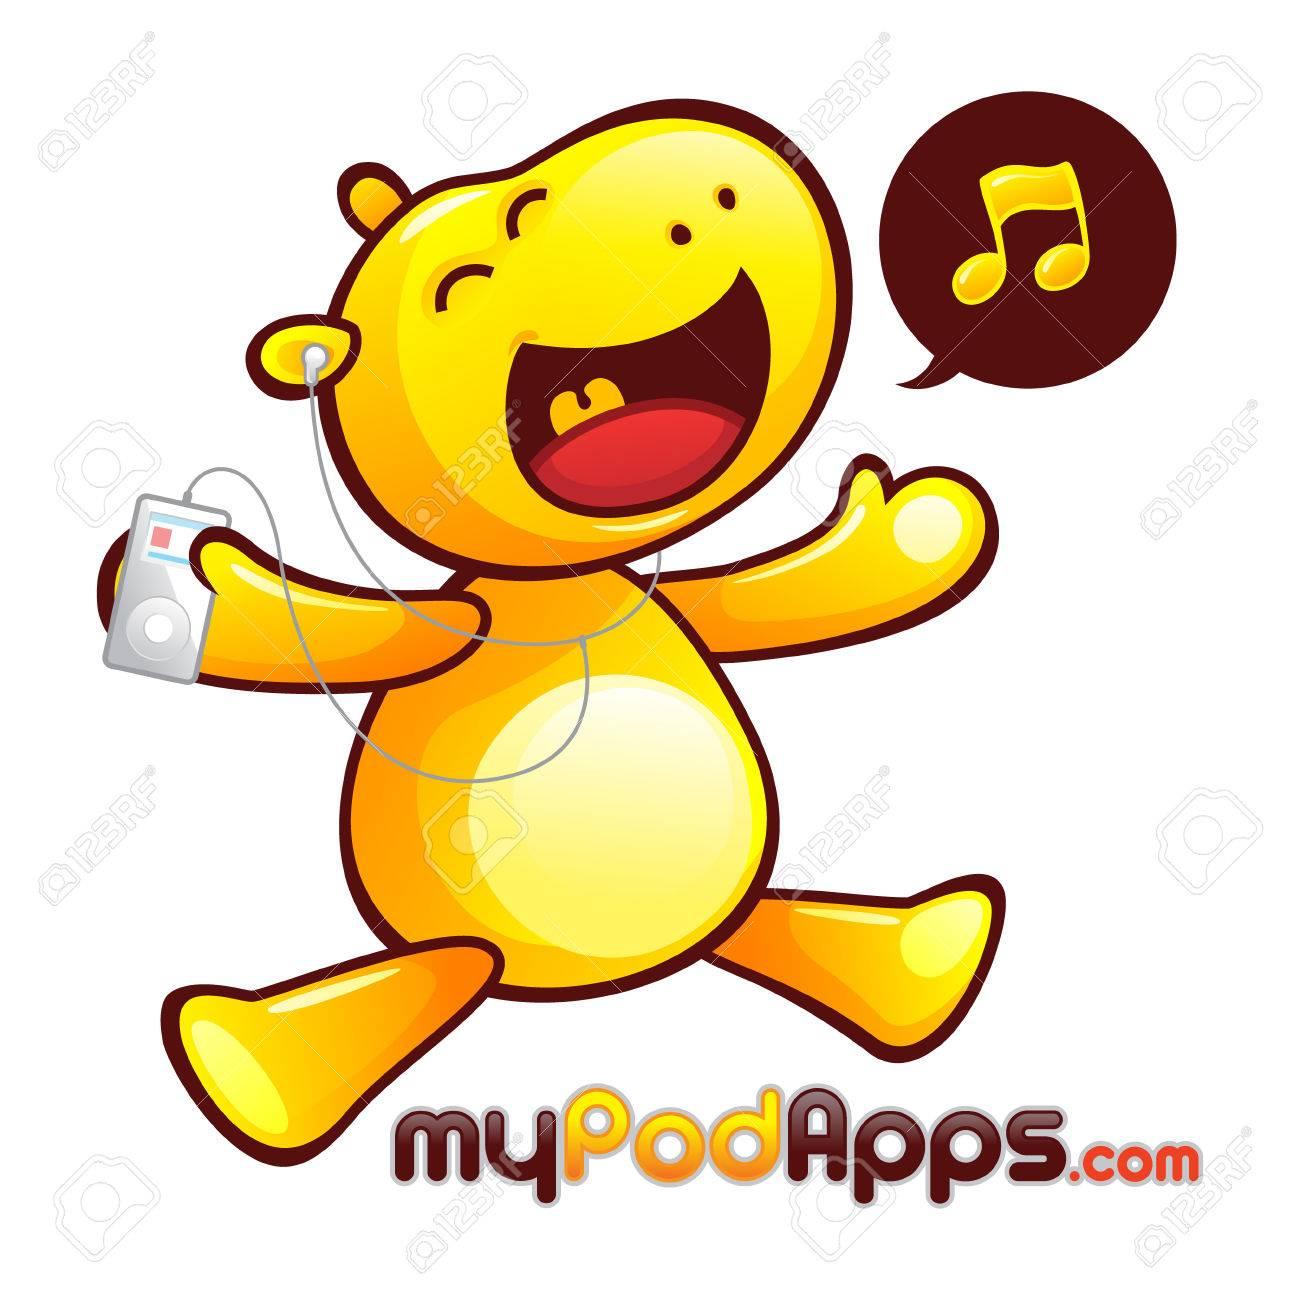 Yellow Hippopotamus Mascot Character. Happy hippo listening to music player. Stock Vector - 69207094